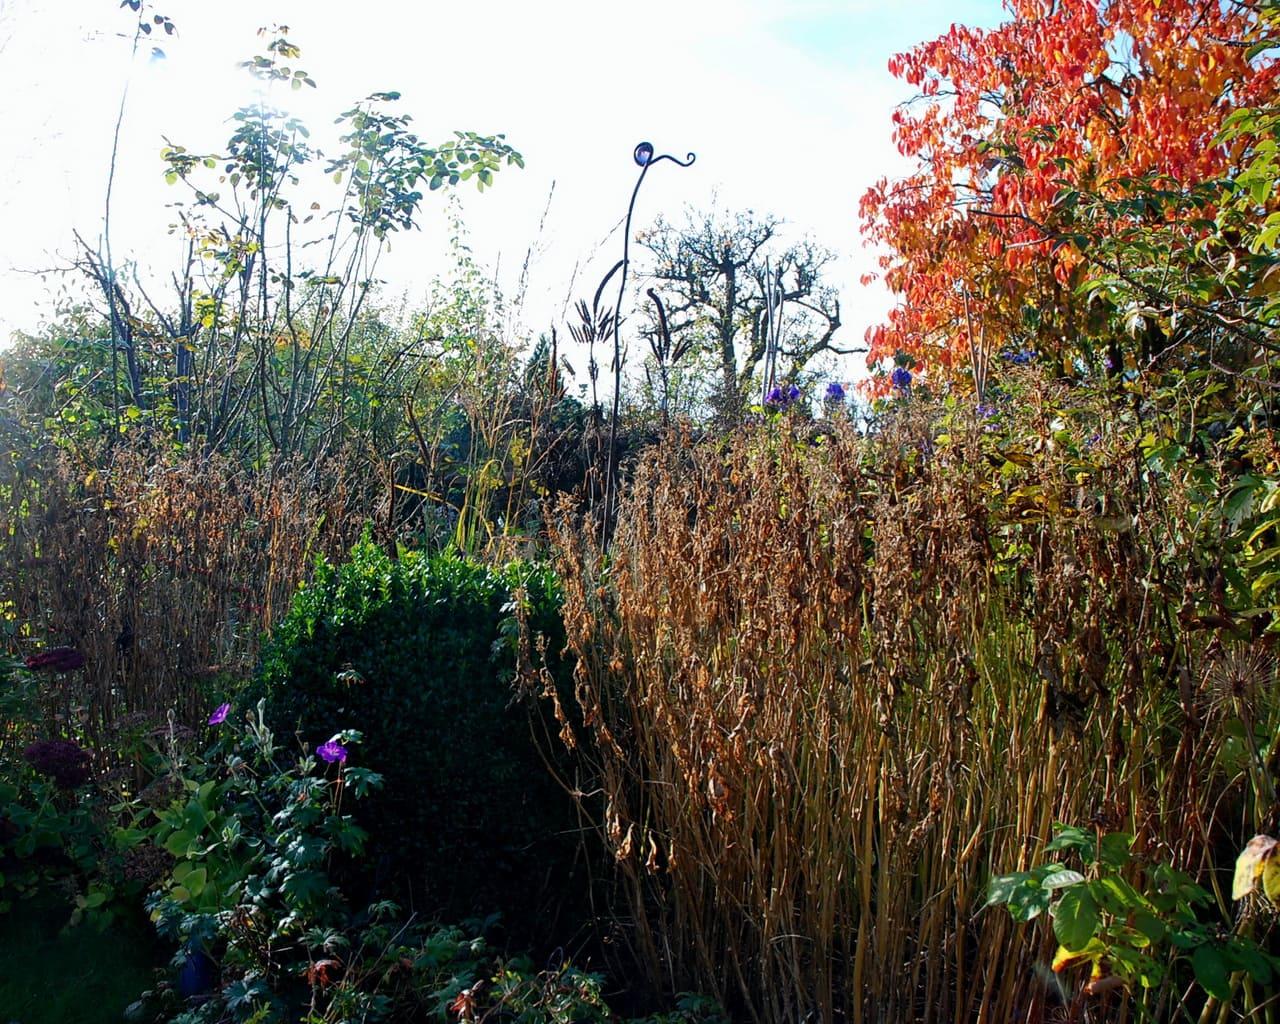 die Bestände von abgeblühtem Phlox bleiben im Garten und werden erst im Frühjahr geschnitten, Foto Xenia Rabe Lehmann